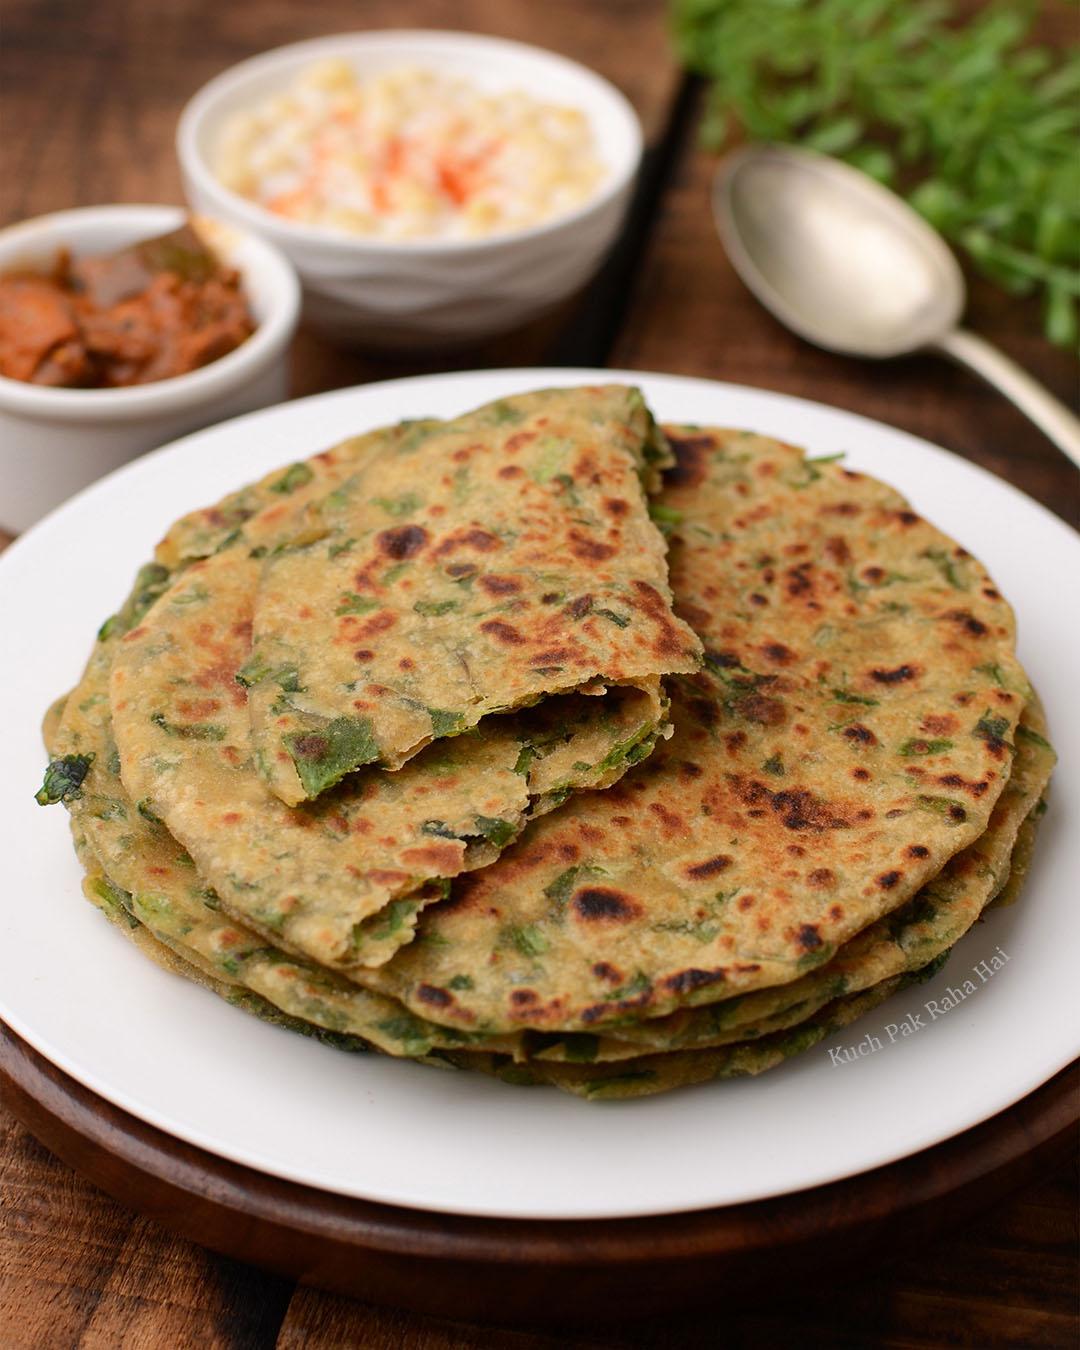 Spinach Fenugreek Indian Flatbread